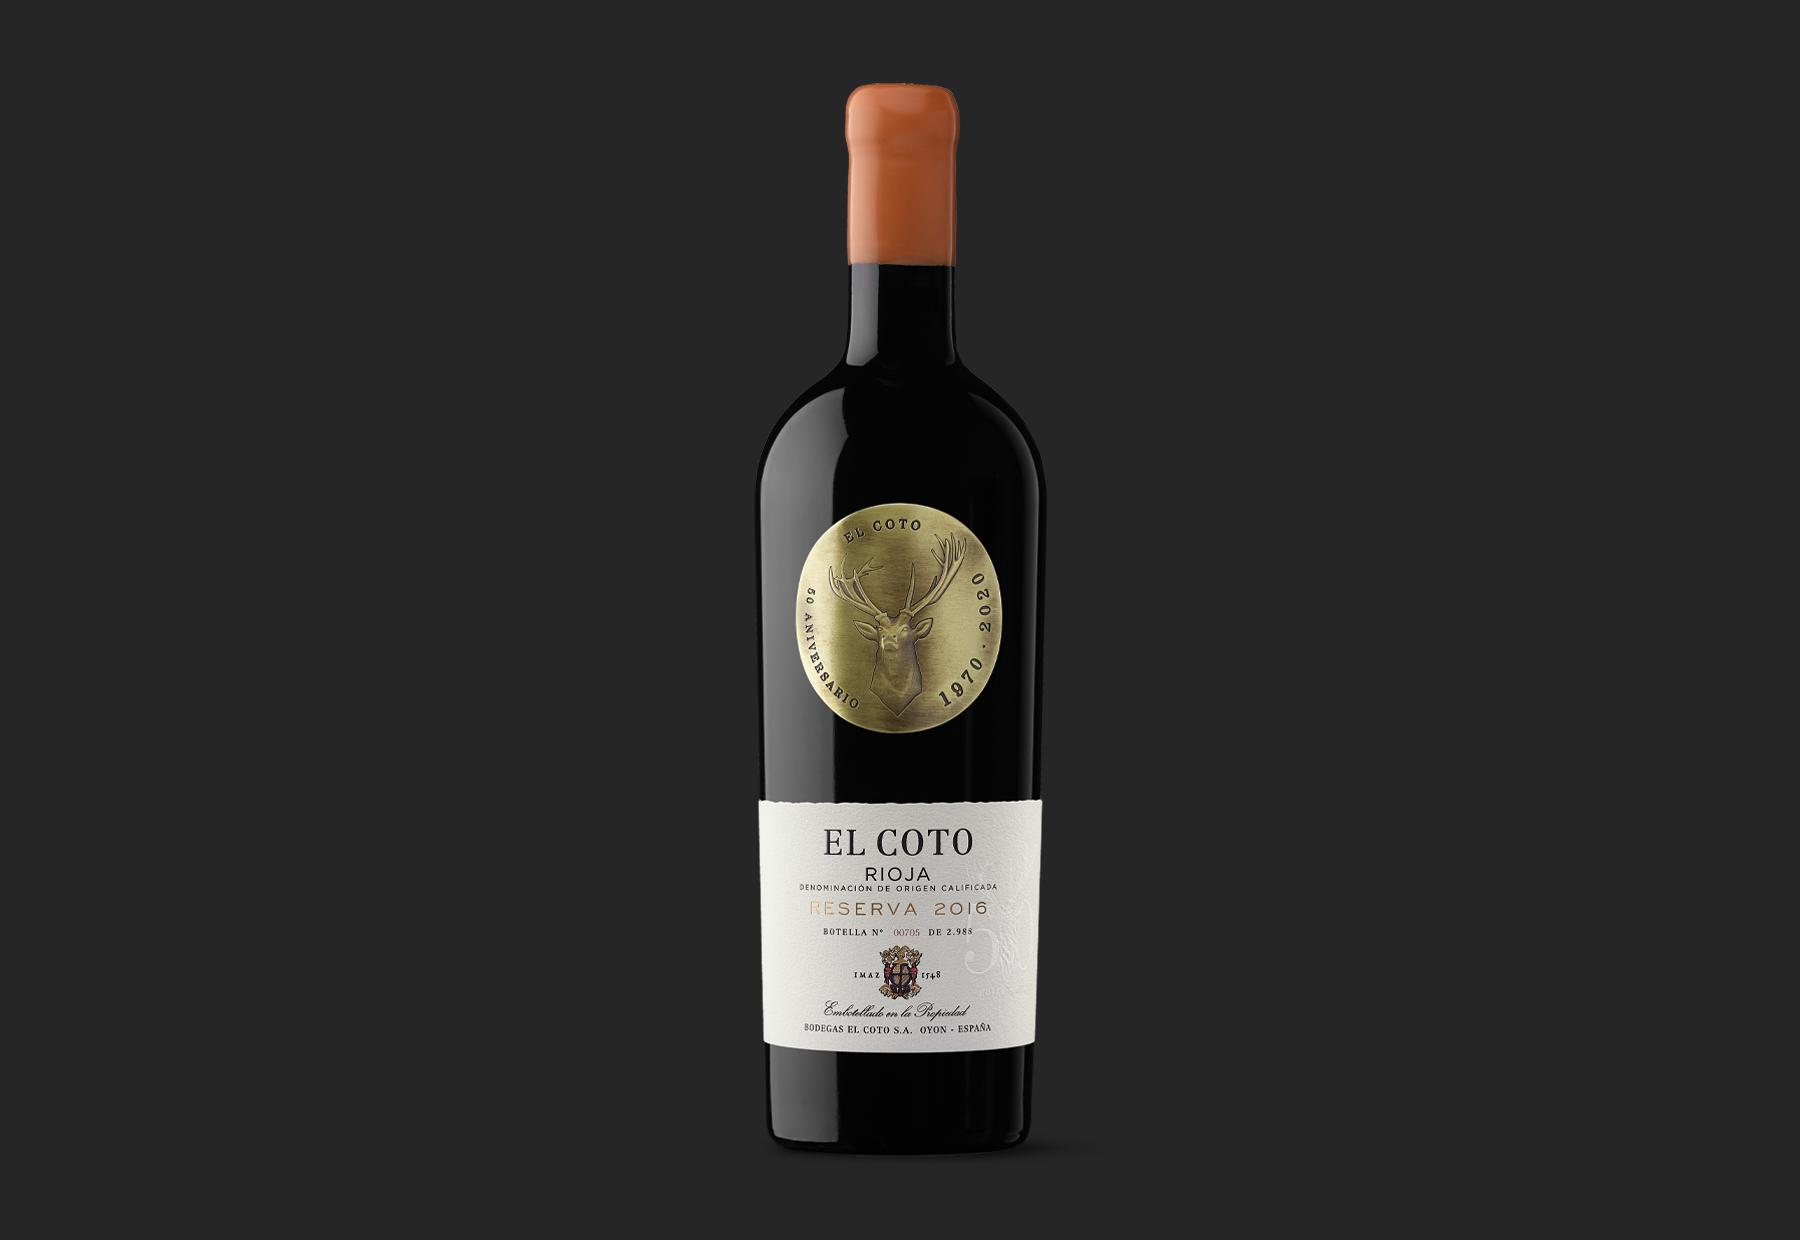 El Coto 50 Aniversario – A Special Design For a Special Wine by Moruba